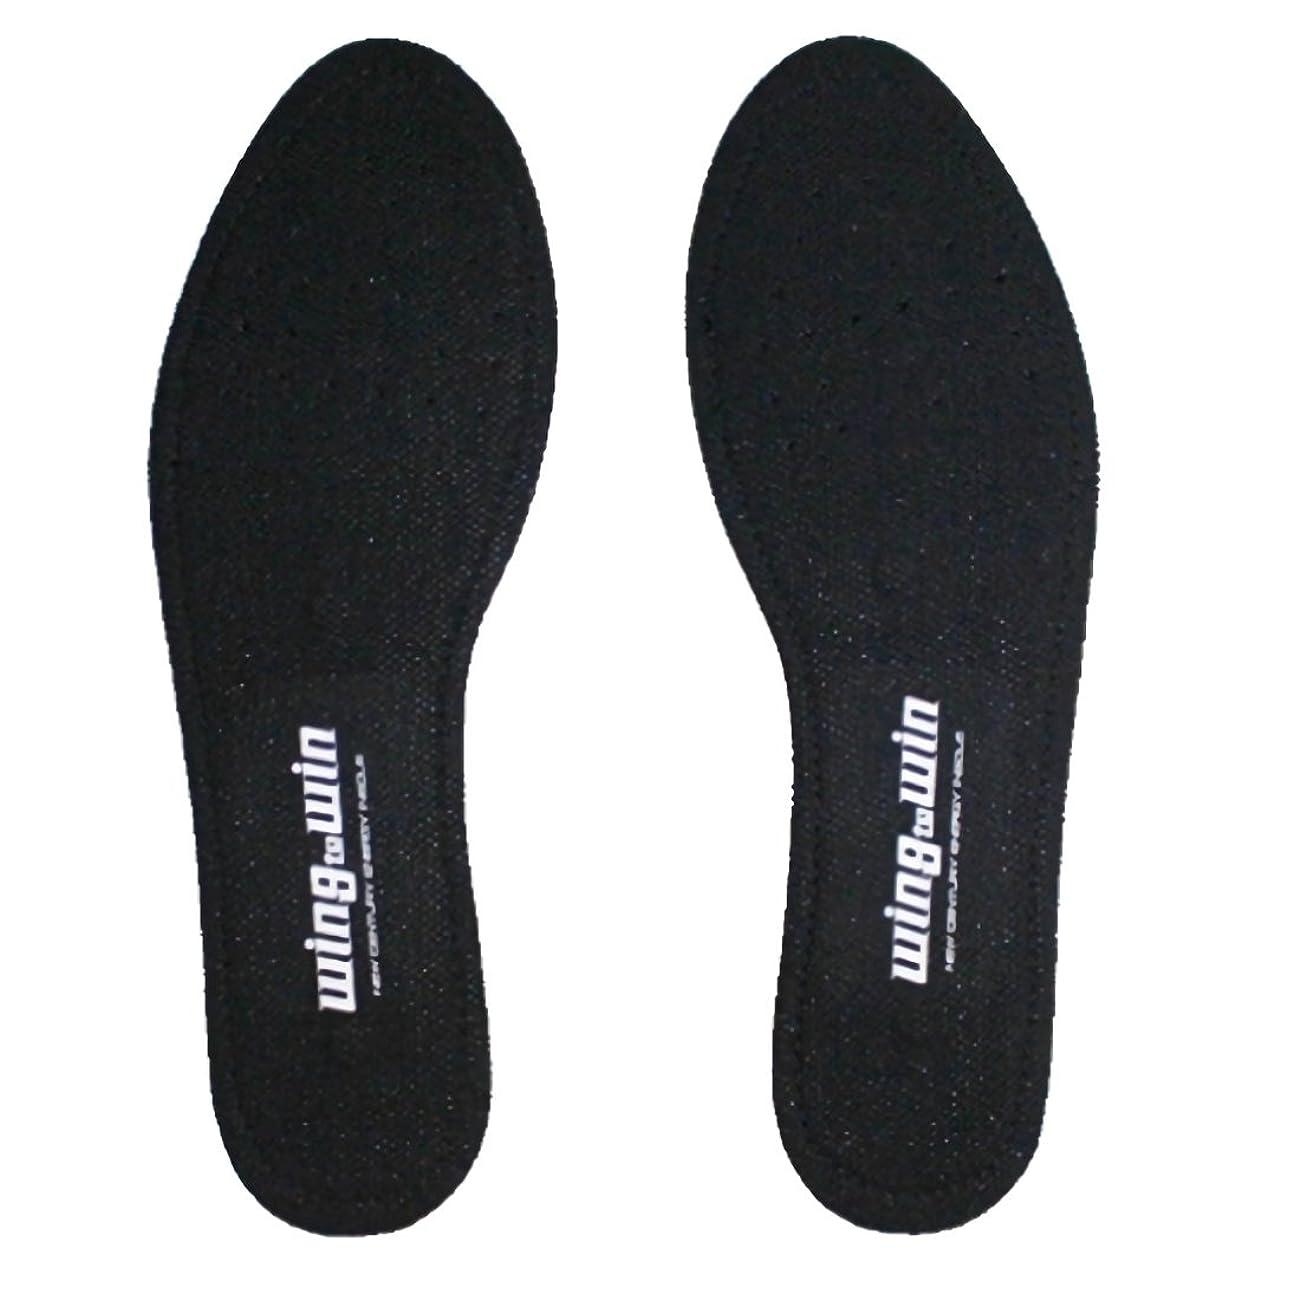 見捨てるレプリカ意味のあるTQインソール ハードタイプ Lサイズ 足への負担を軽減 全身のバランスがとれ、人生の歩みが変わる (L)